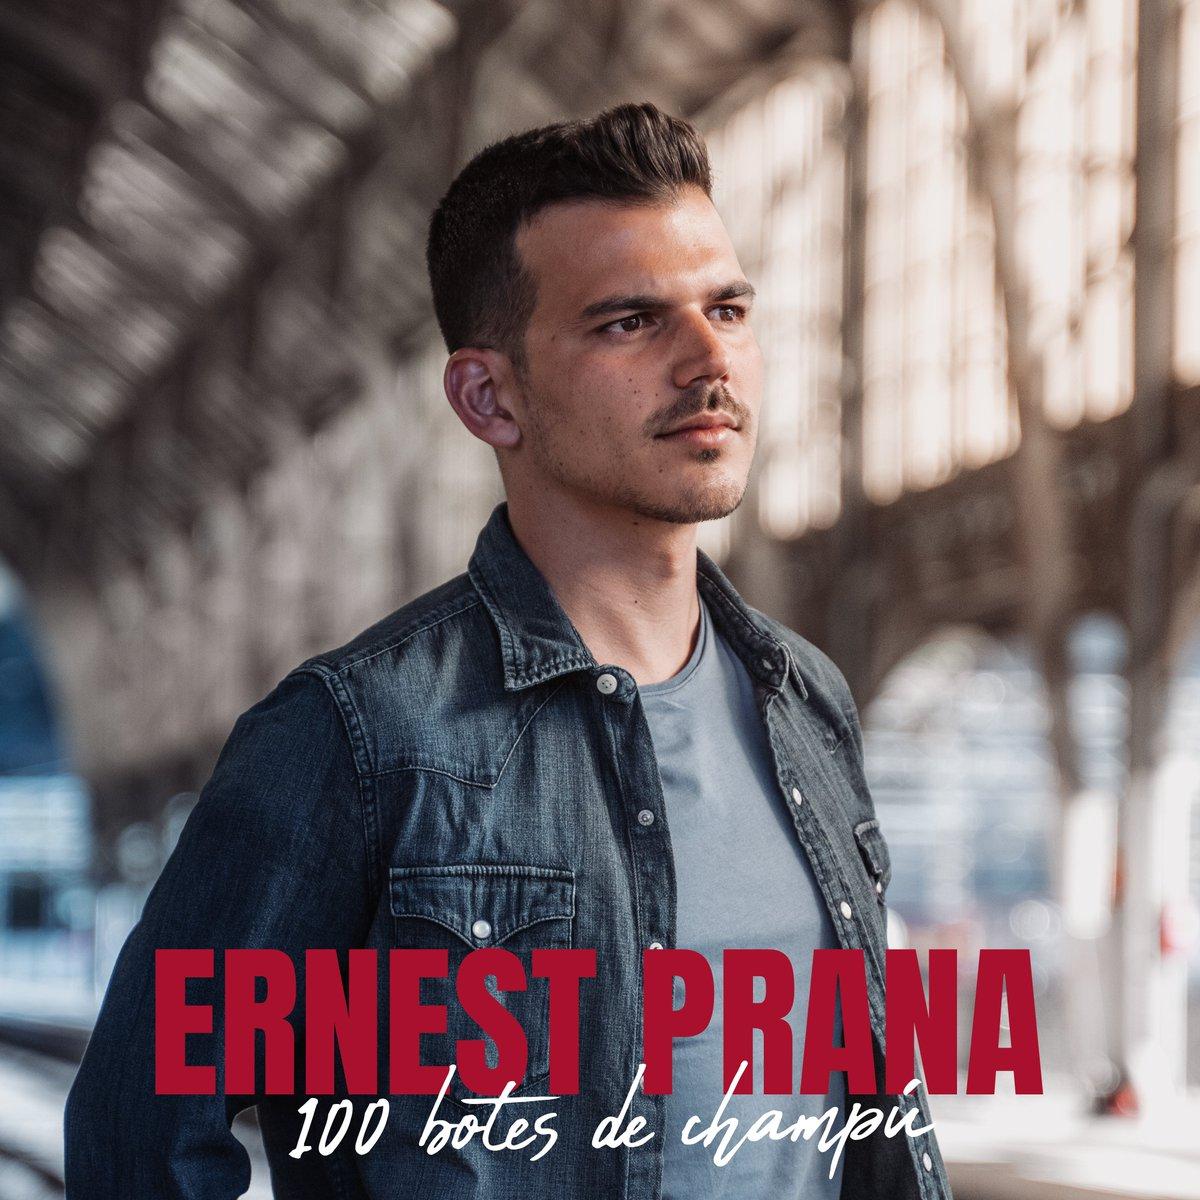 ERNEST PRANA (100 Botes De Champú)